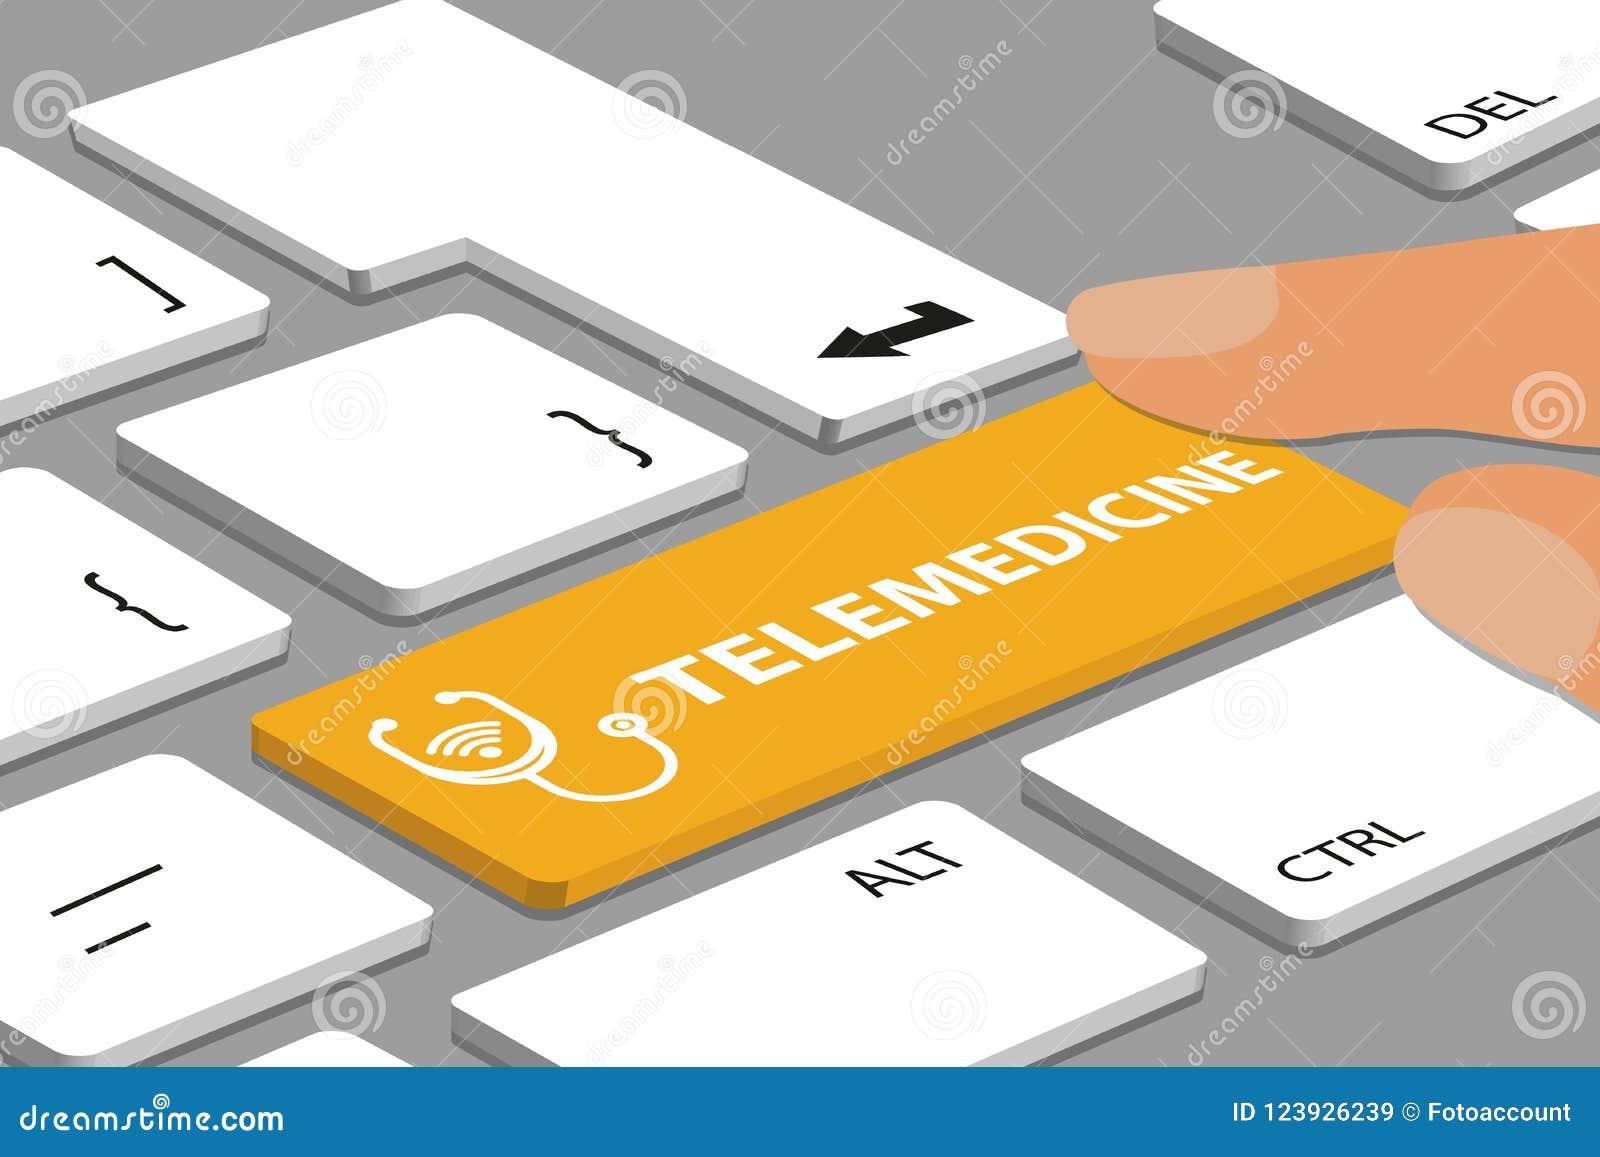 Tangentbord med den gula Telemedicineknappen - datoren eller bärbara datorn med fingrar - vektorillustration